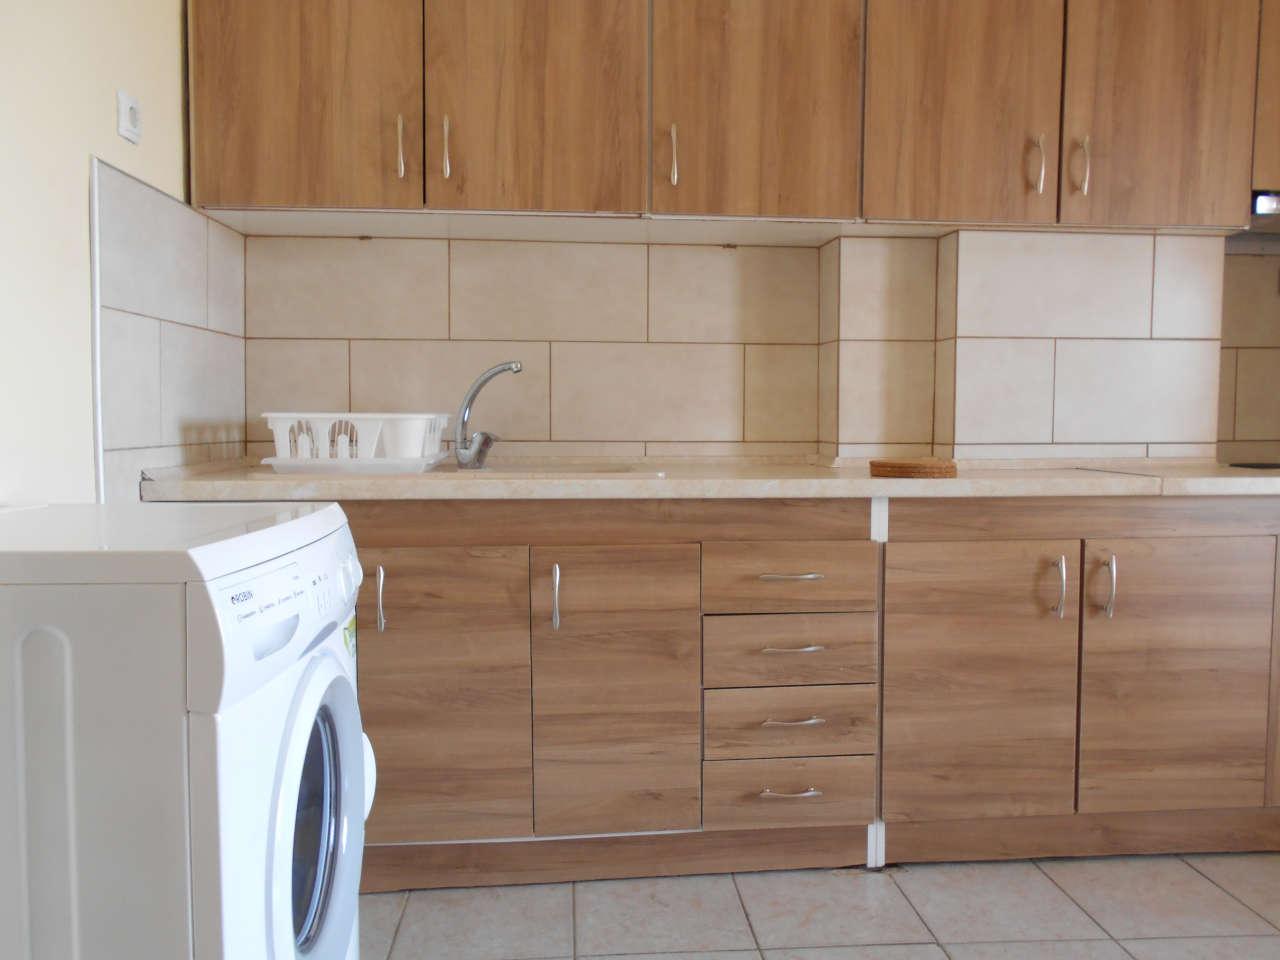 Διαθέρισμα AirBnB δίπλα στο κέντρο της Θεσσαλονίκης - Κουζίνα